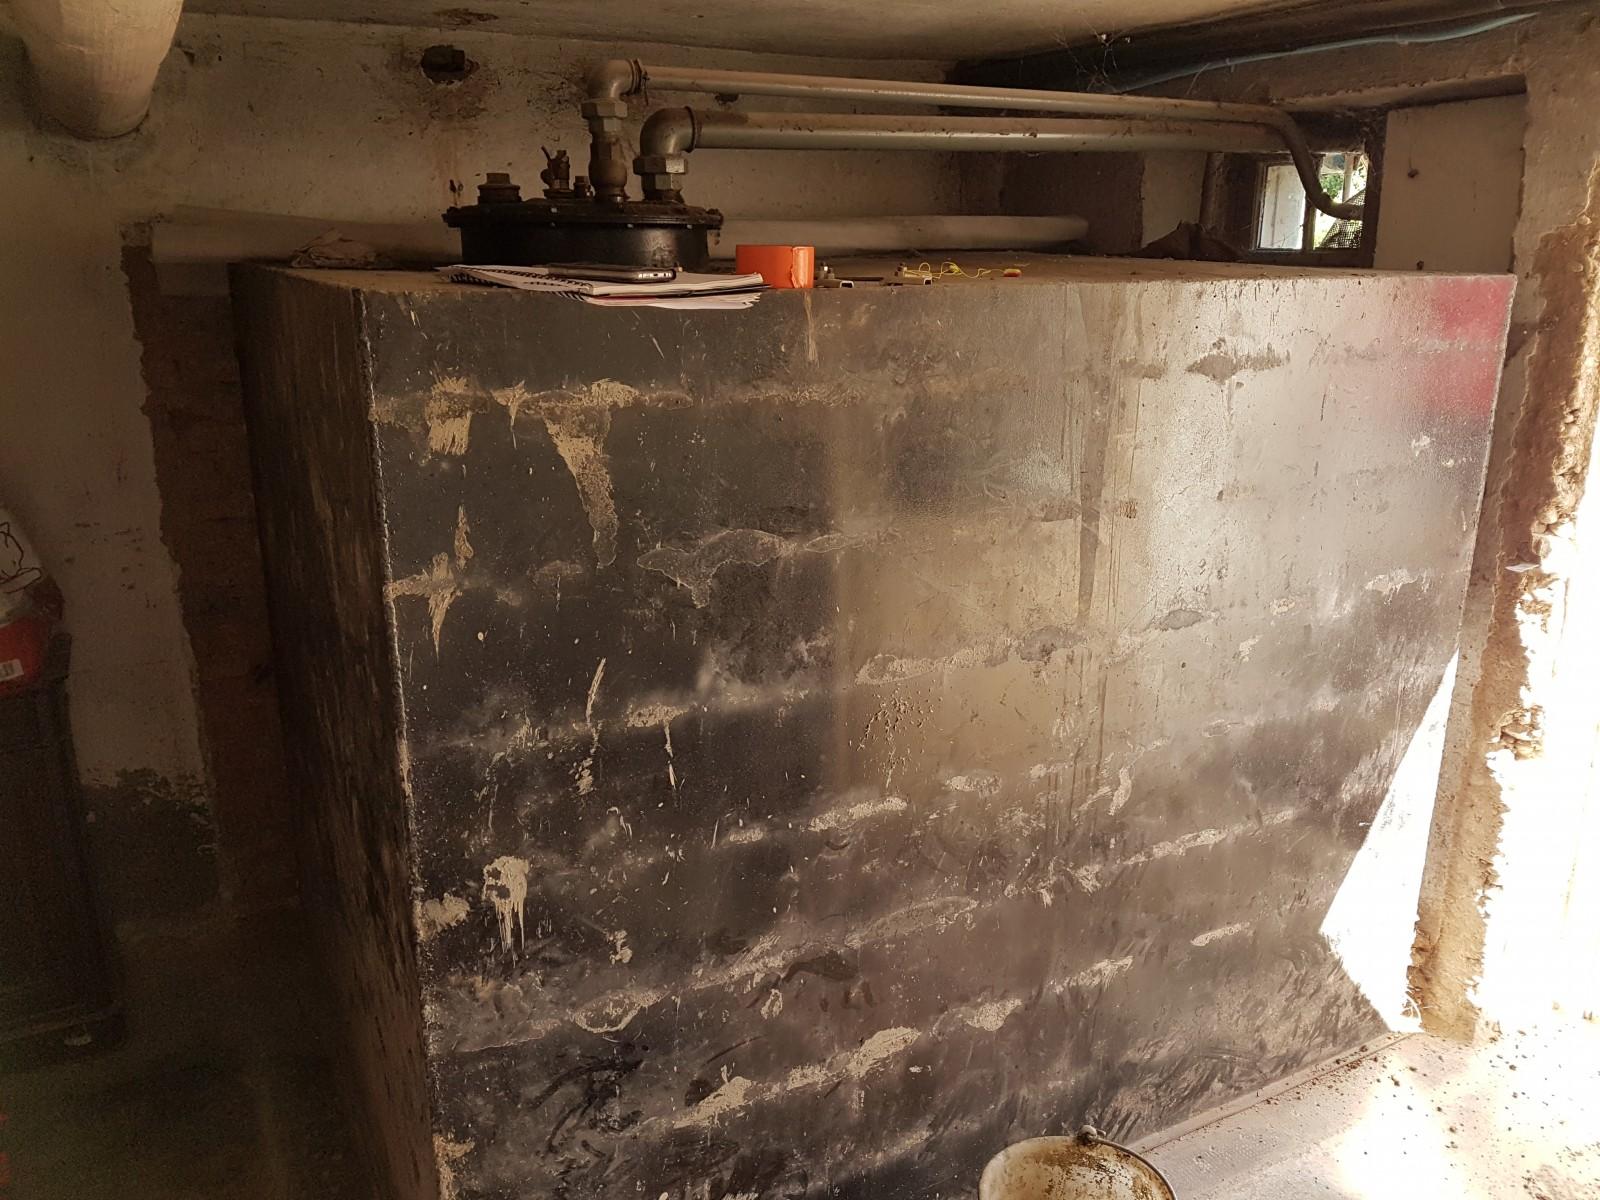 2 me chantier d coupe d 39 une cuve fioul sur mulhouse fioultech. Black Bedroom Furniture Sets. Home Design Ideas